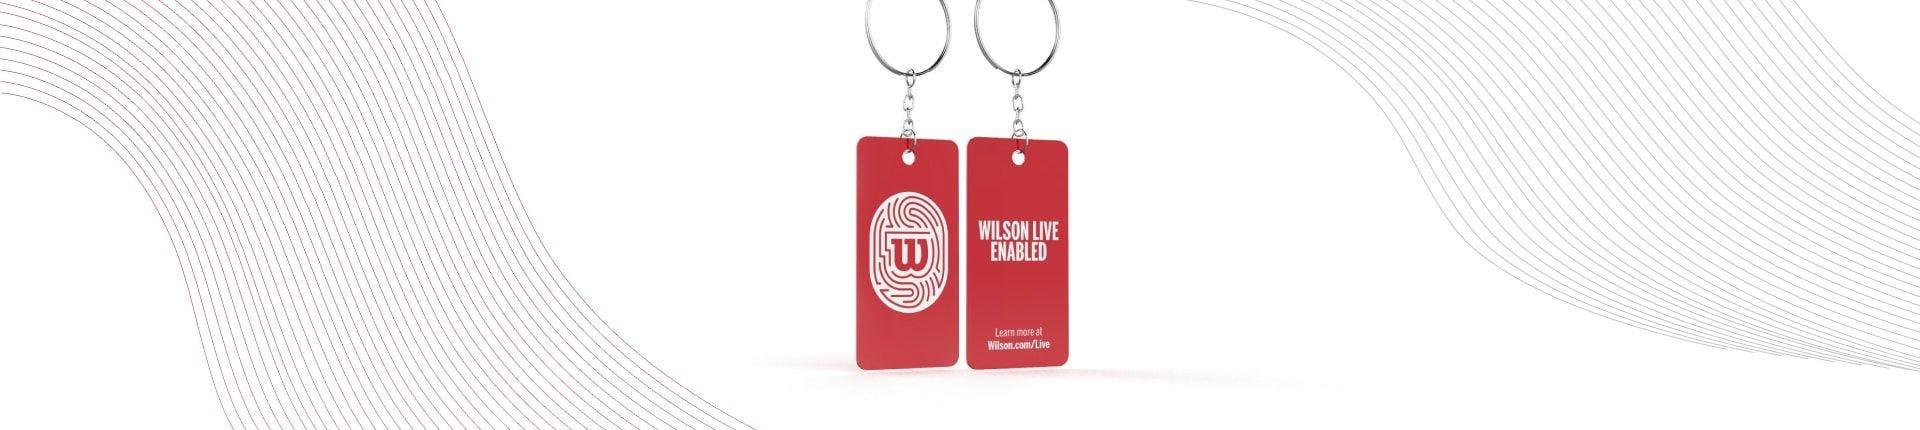 WilsonLive NFL100 Keychain